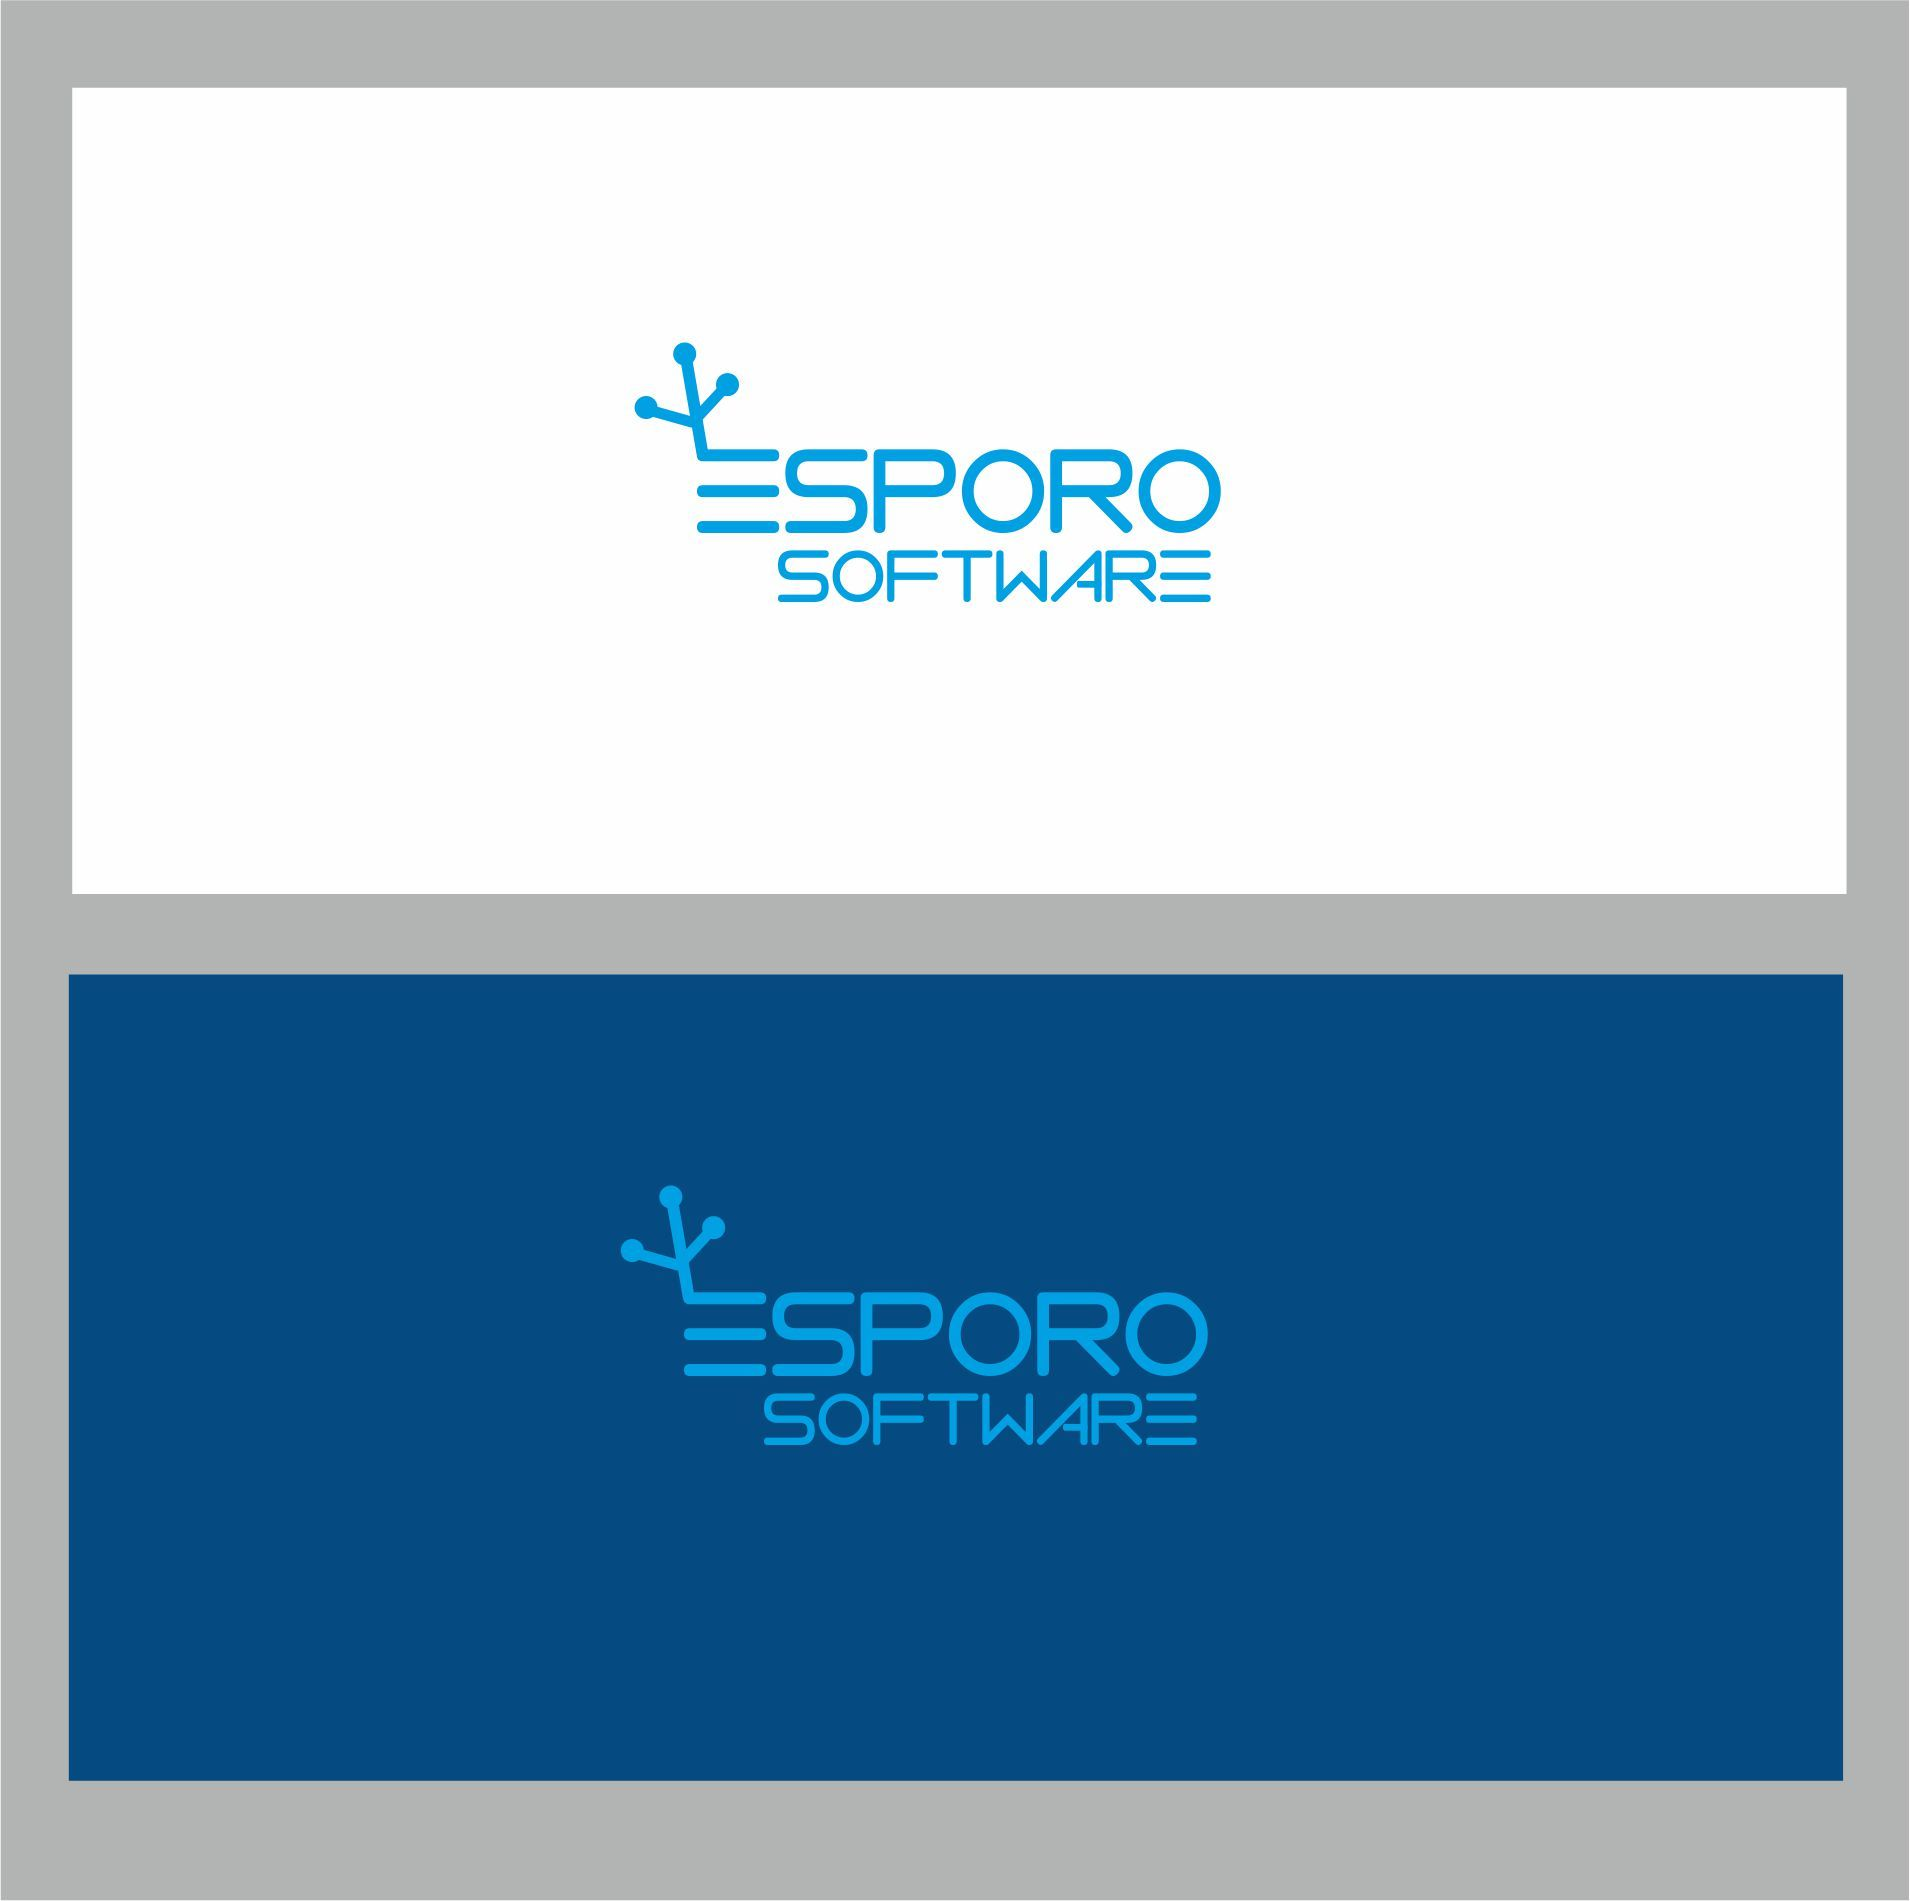 Логотип и фирменный стиль для ИТ-компании - дизайнер dbyjuhfl